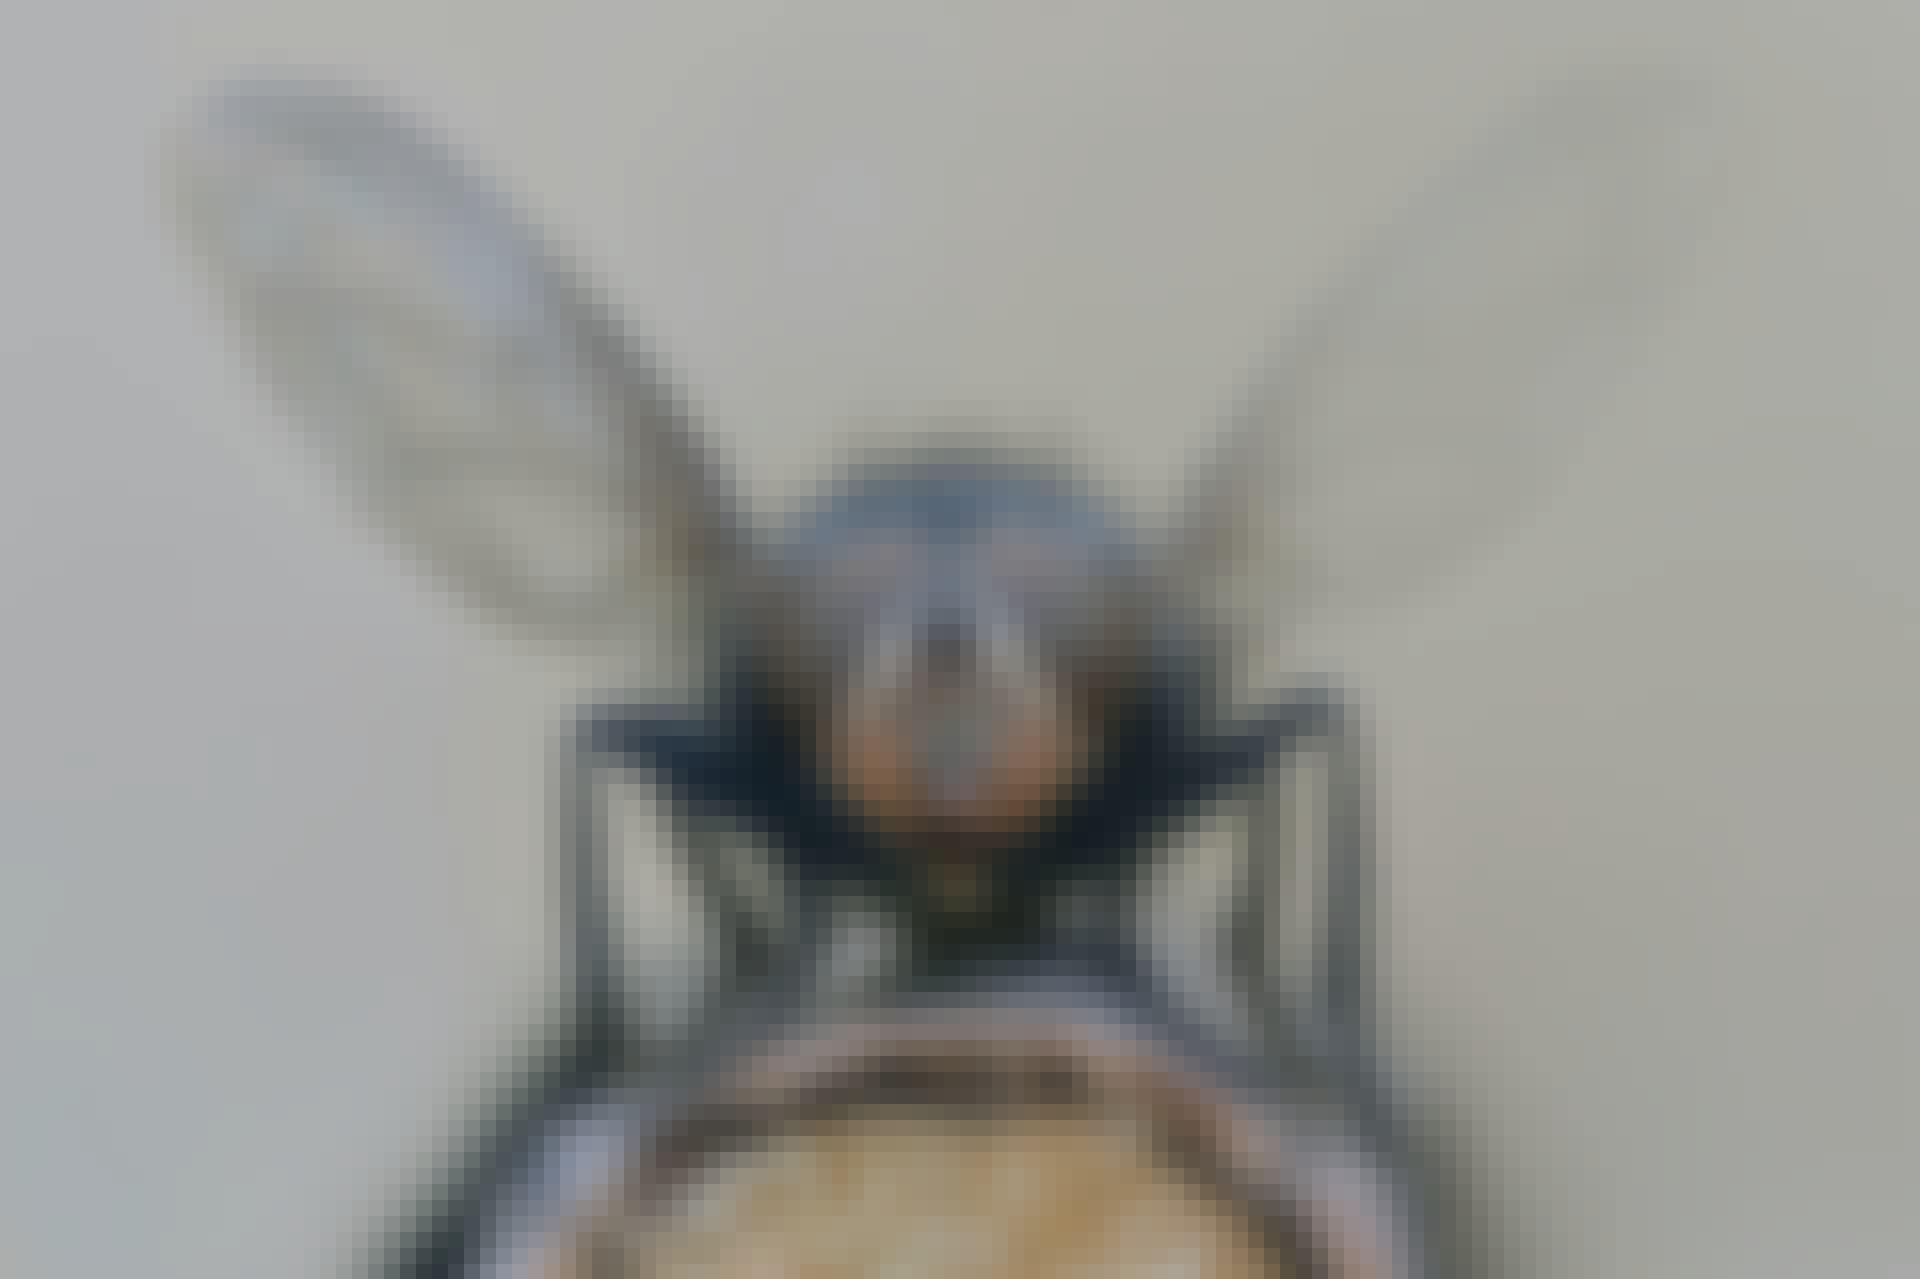 Hyönteinen siivet levällään